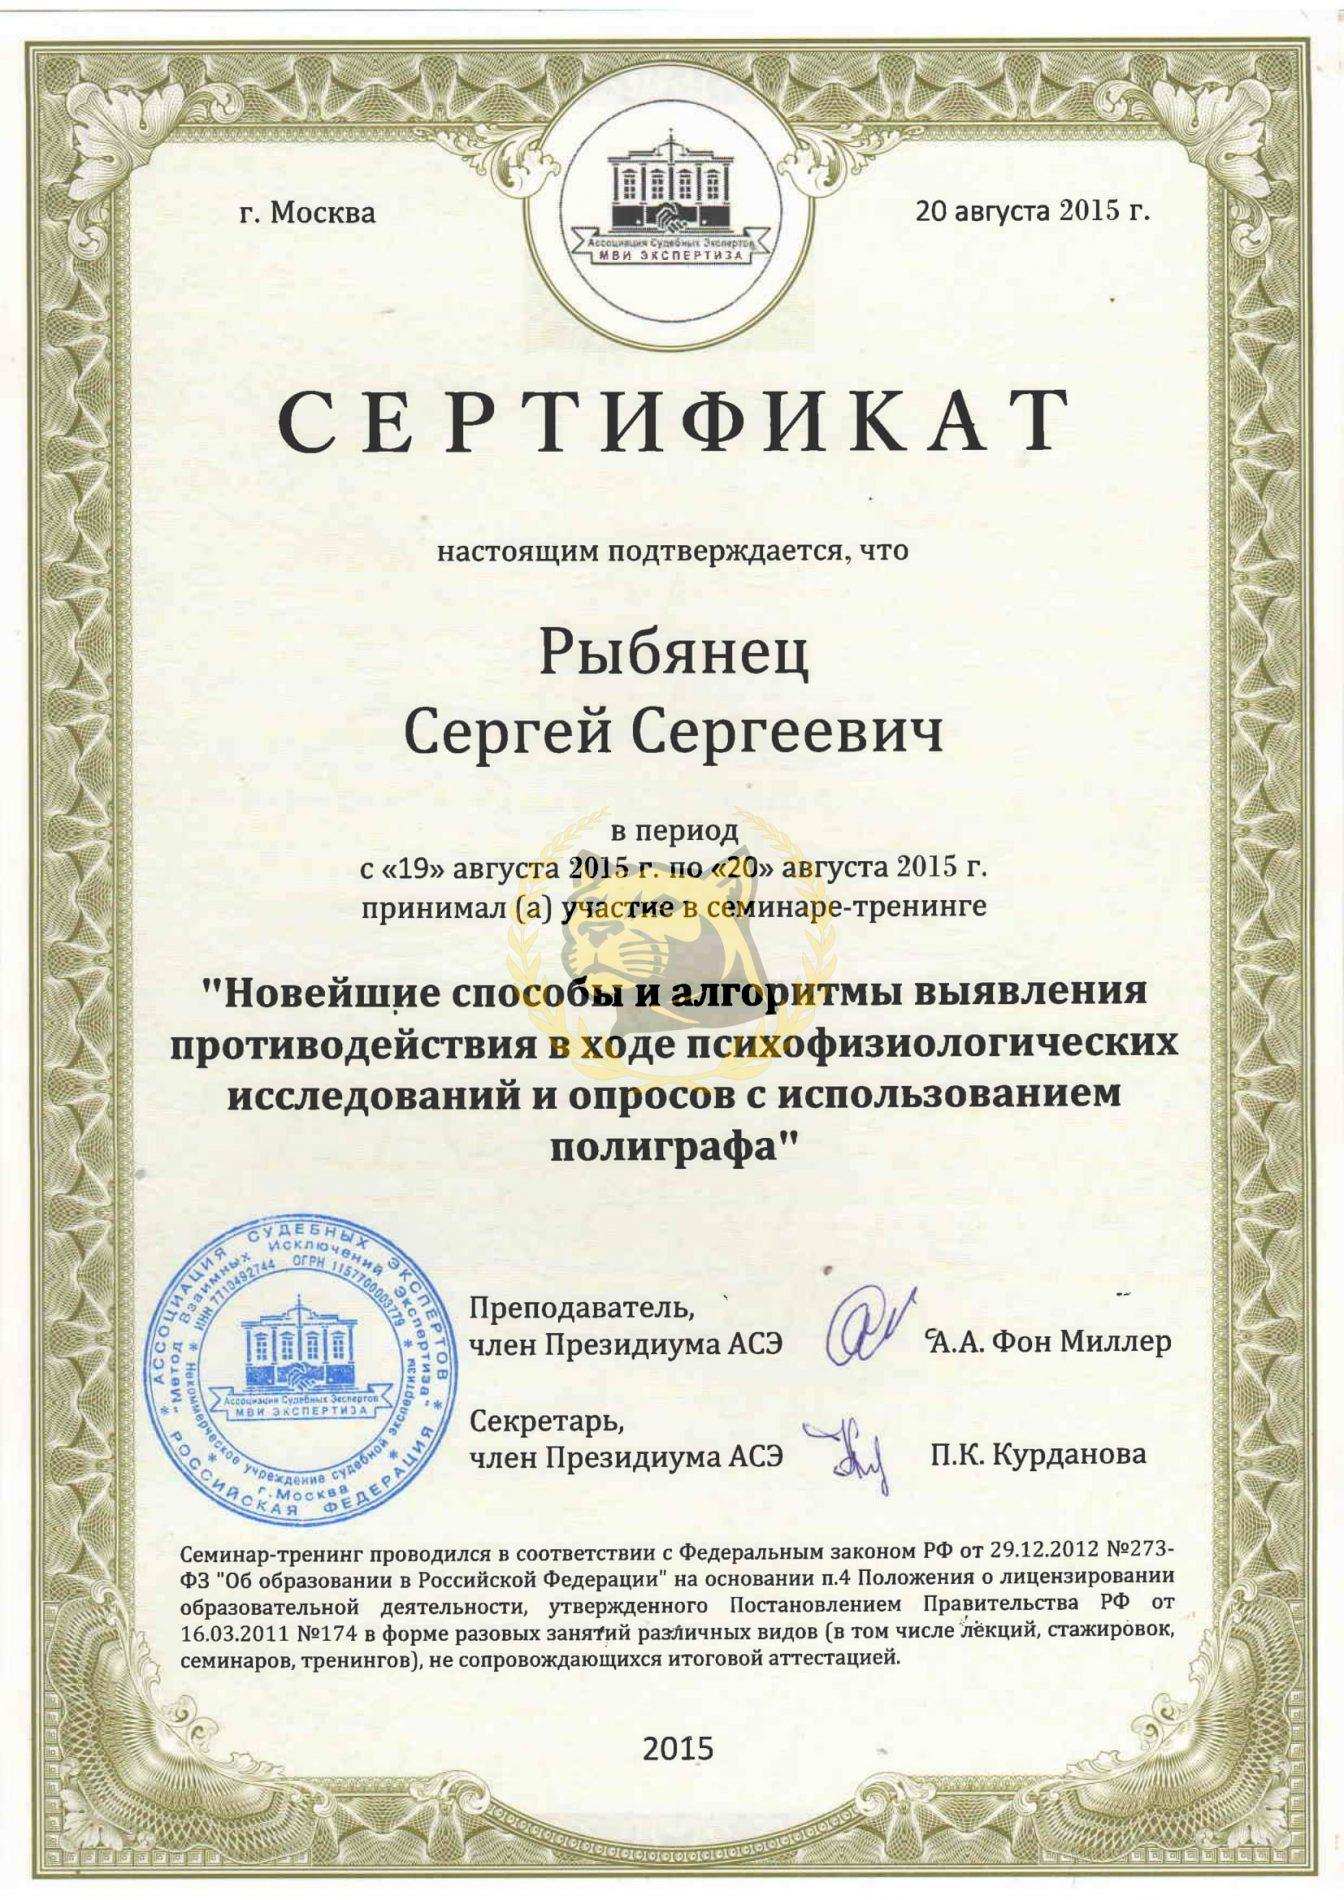 Сертификат по новейшим способам использования полиграфа